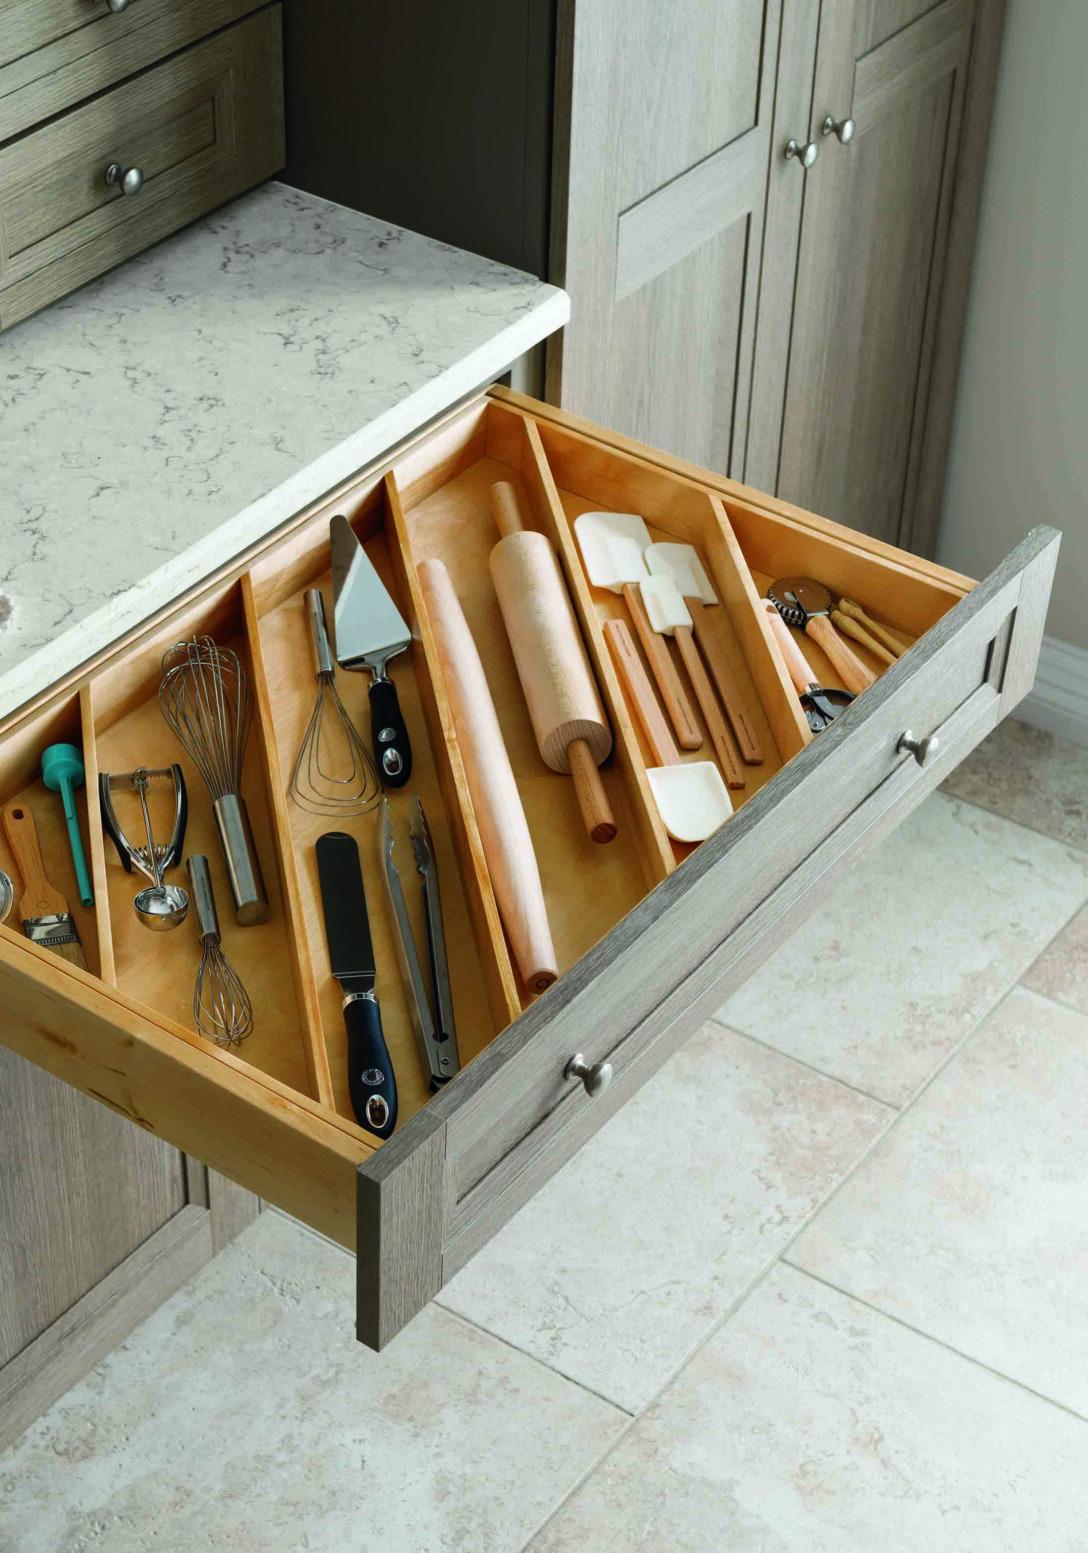 Large Size of Aufbewahrung Küchenutensilien Sie Kennen Das Sicher Auch Im Besteckkasten Ist Kein Platz Fr Aufbewahrungsbehälter Küche Aufbewahrungssystem Aufbewahrungsbox Wohnzimmer Aufbewahrung Küchenutensilien